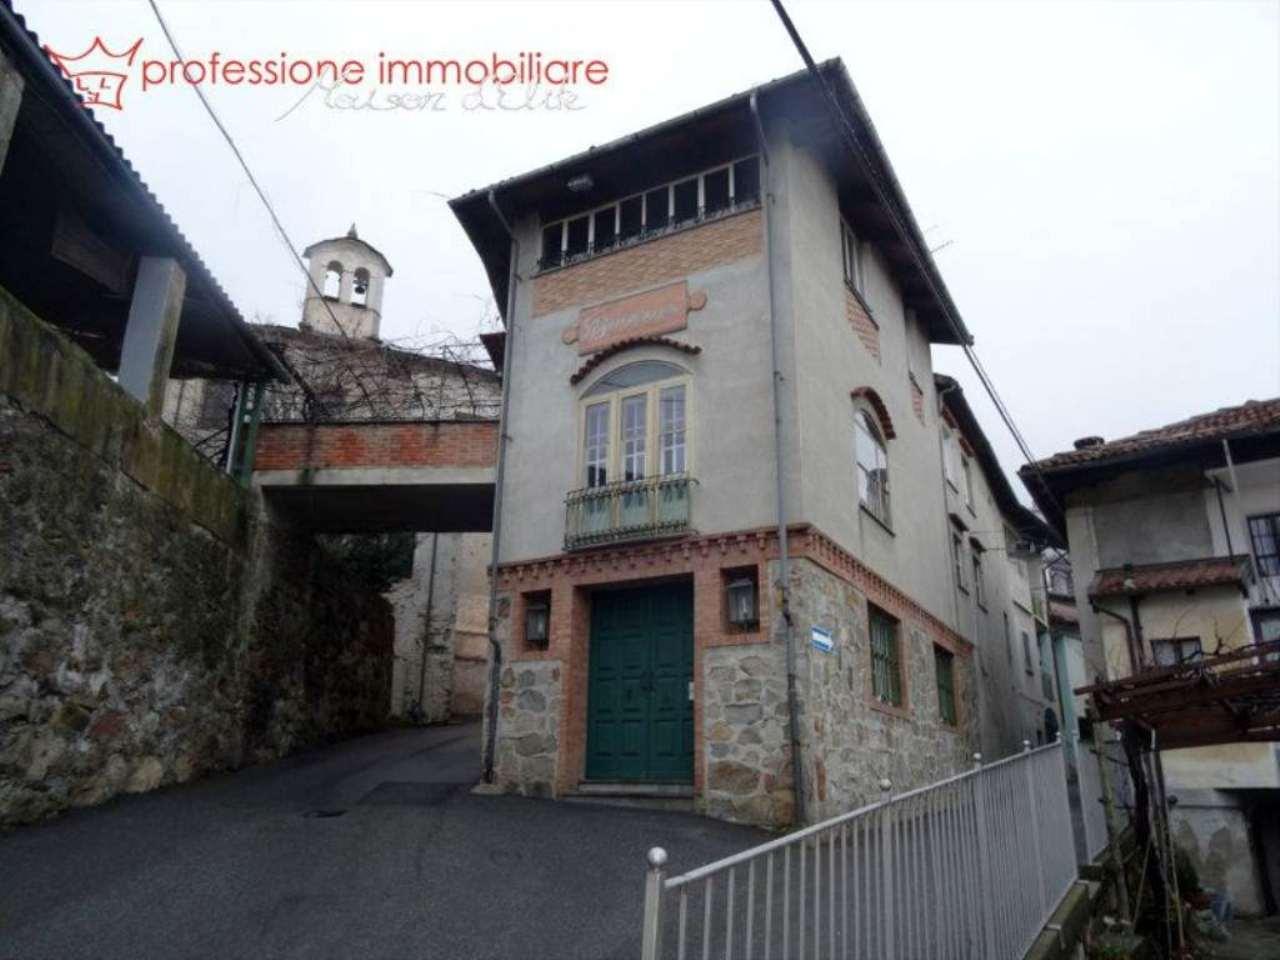 Soluzione Semindipendente in vendita a Quassolo, 14 locali, prezzo € 365.000 | Cambio Casa.it